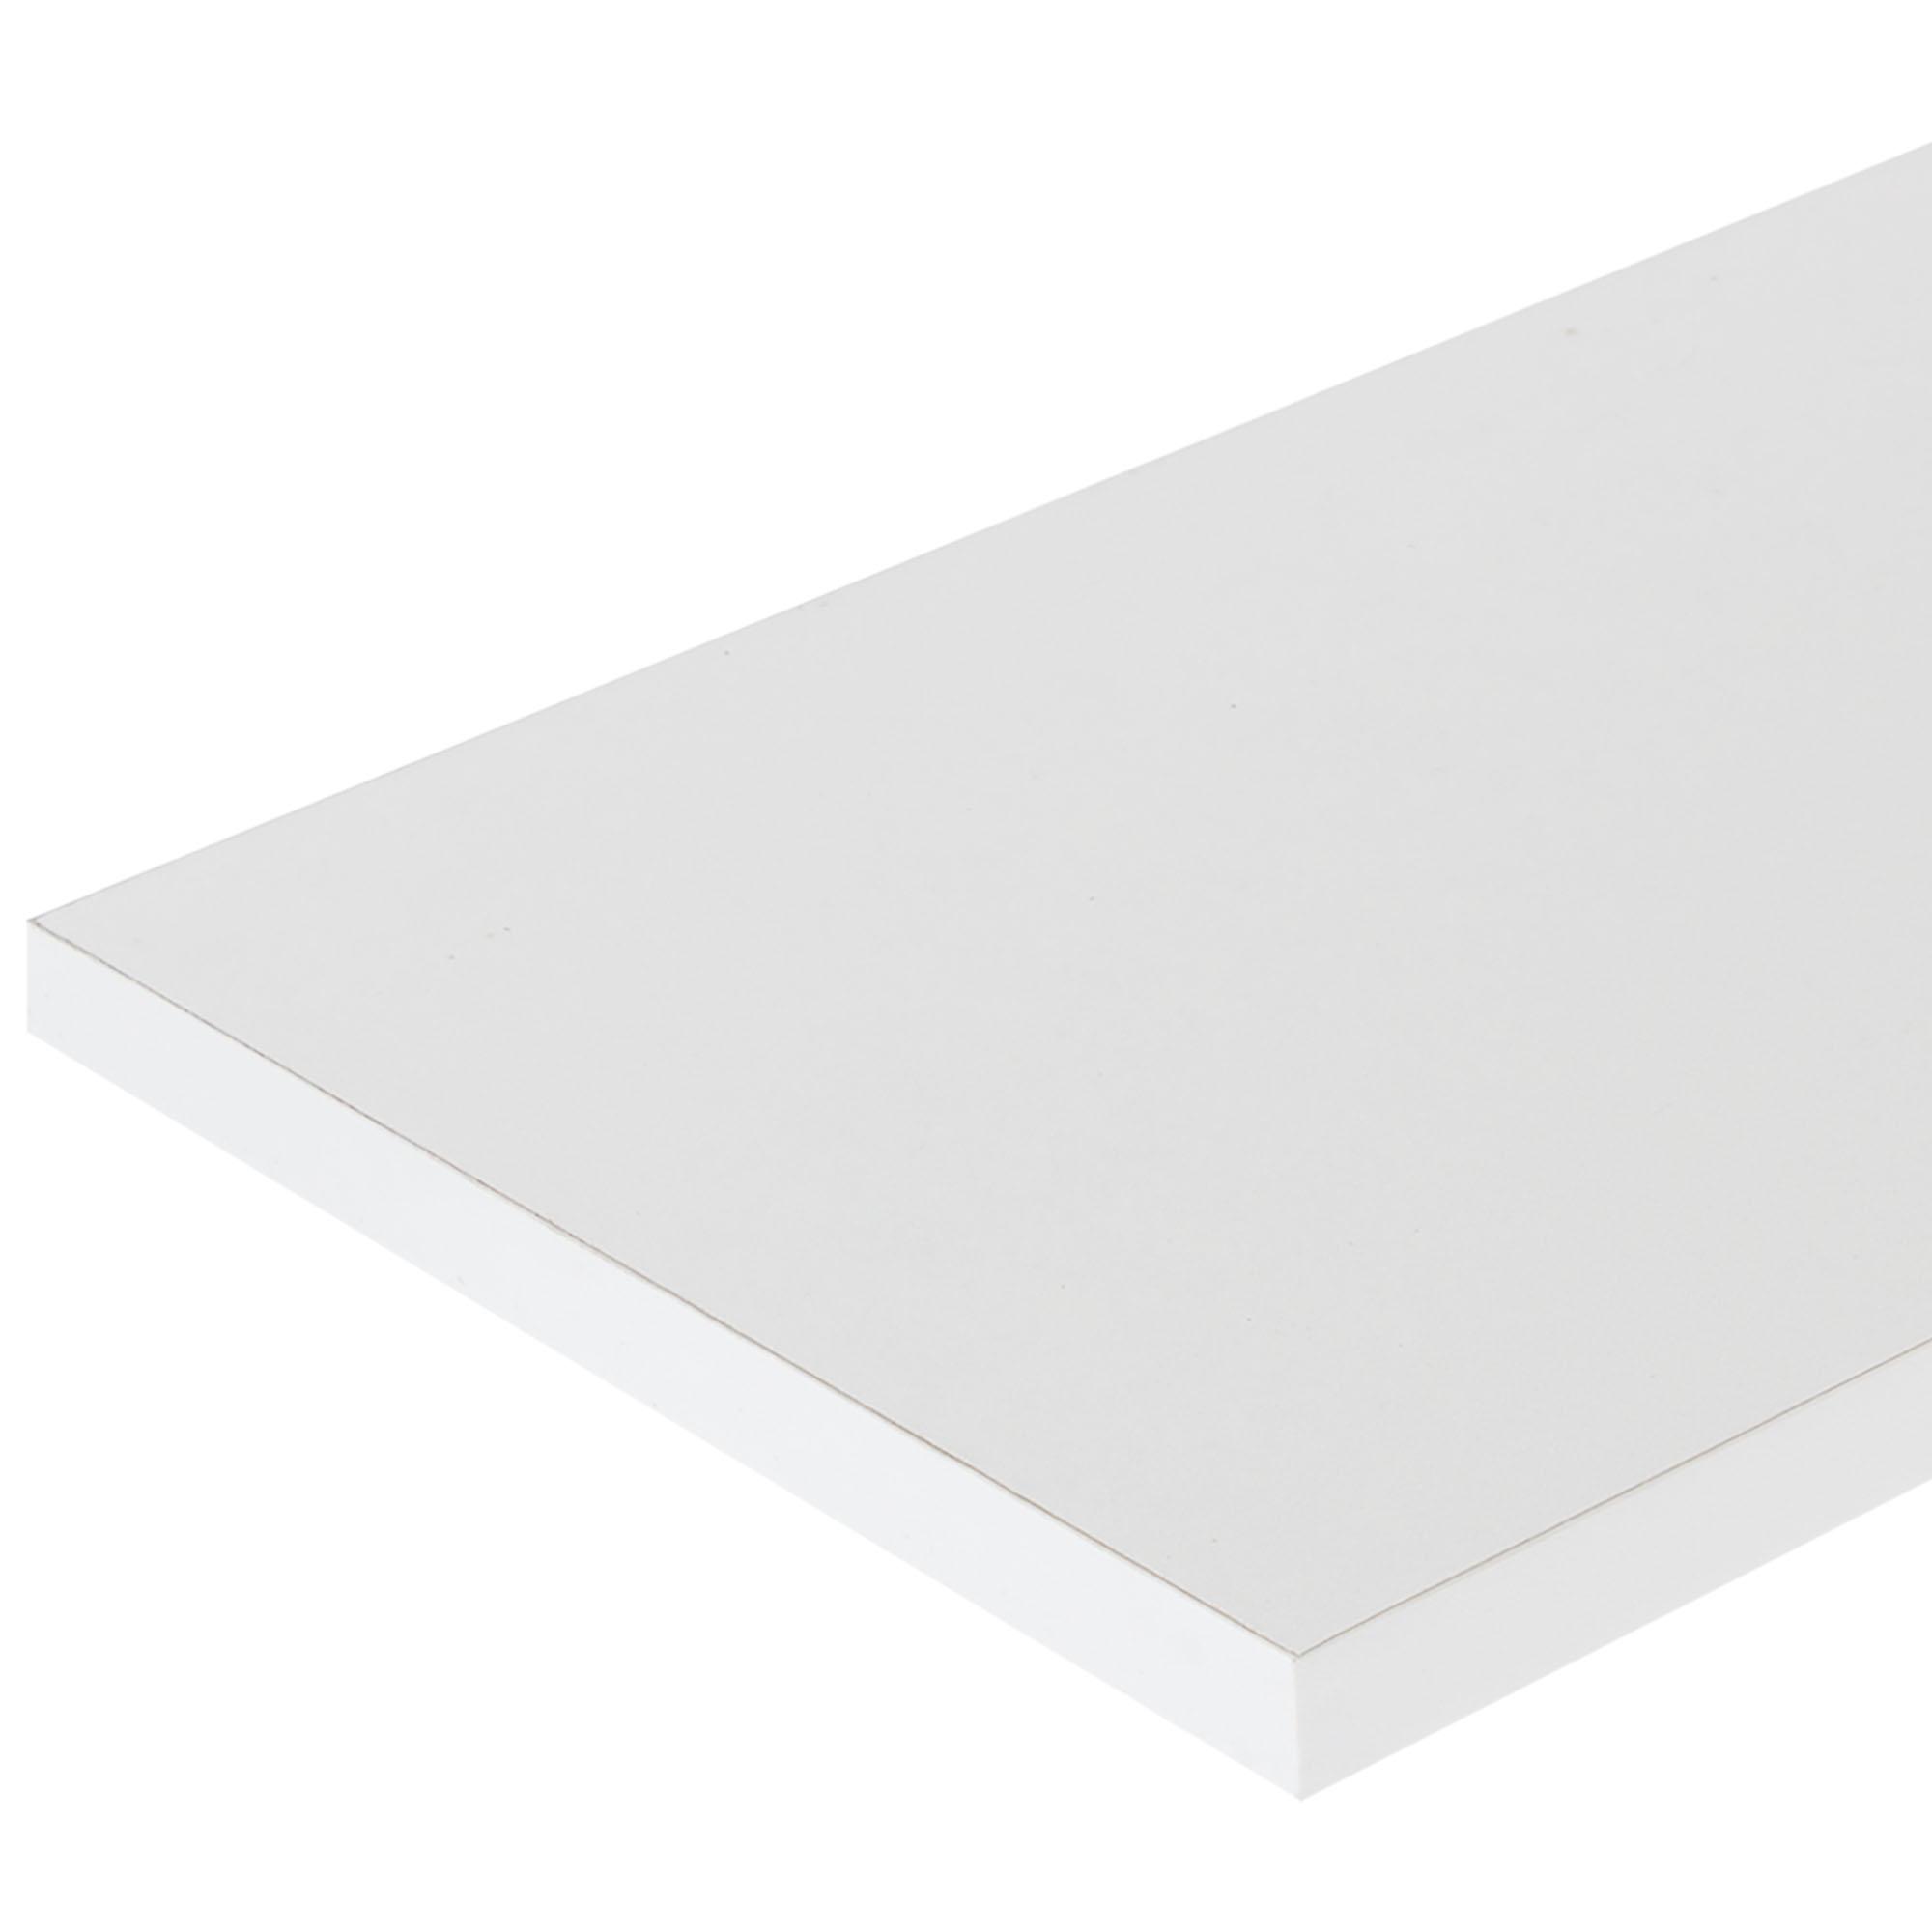 Деталь мебельная 2700х100х16 мм ЛДСП цвет белый